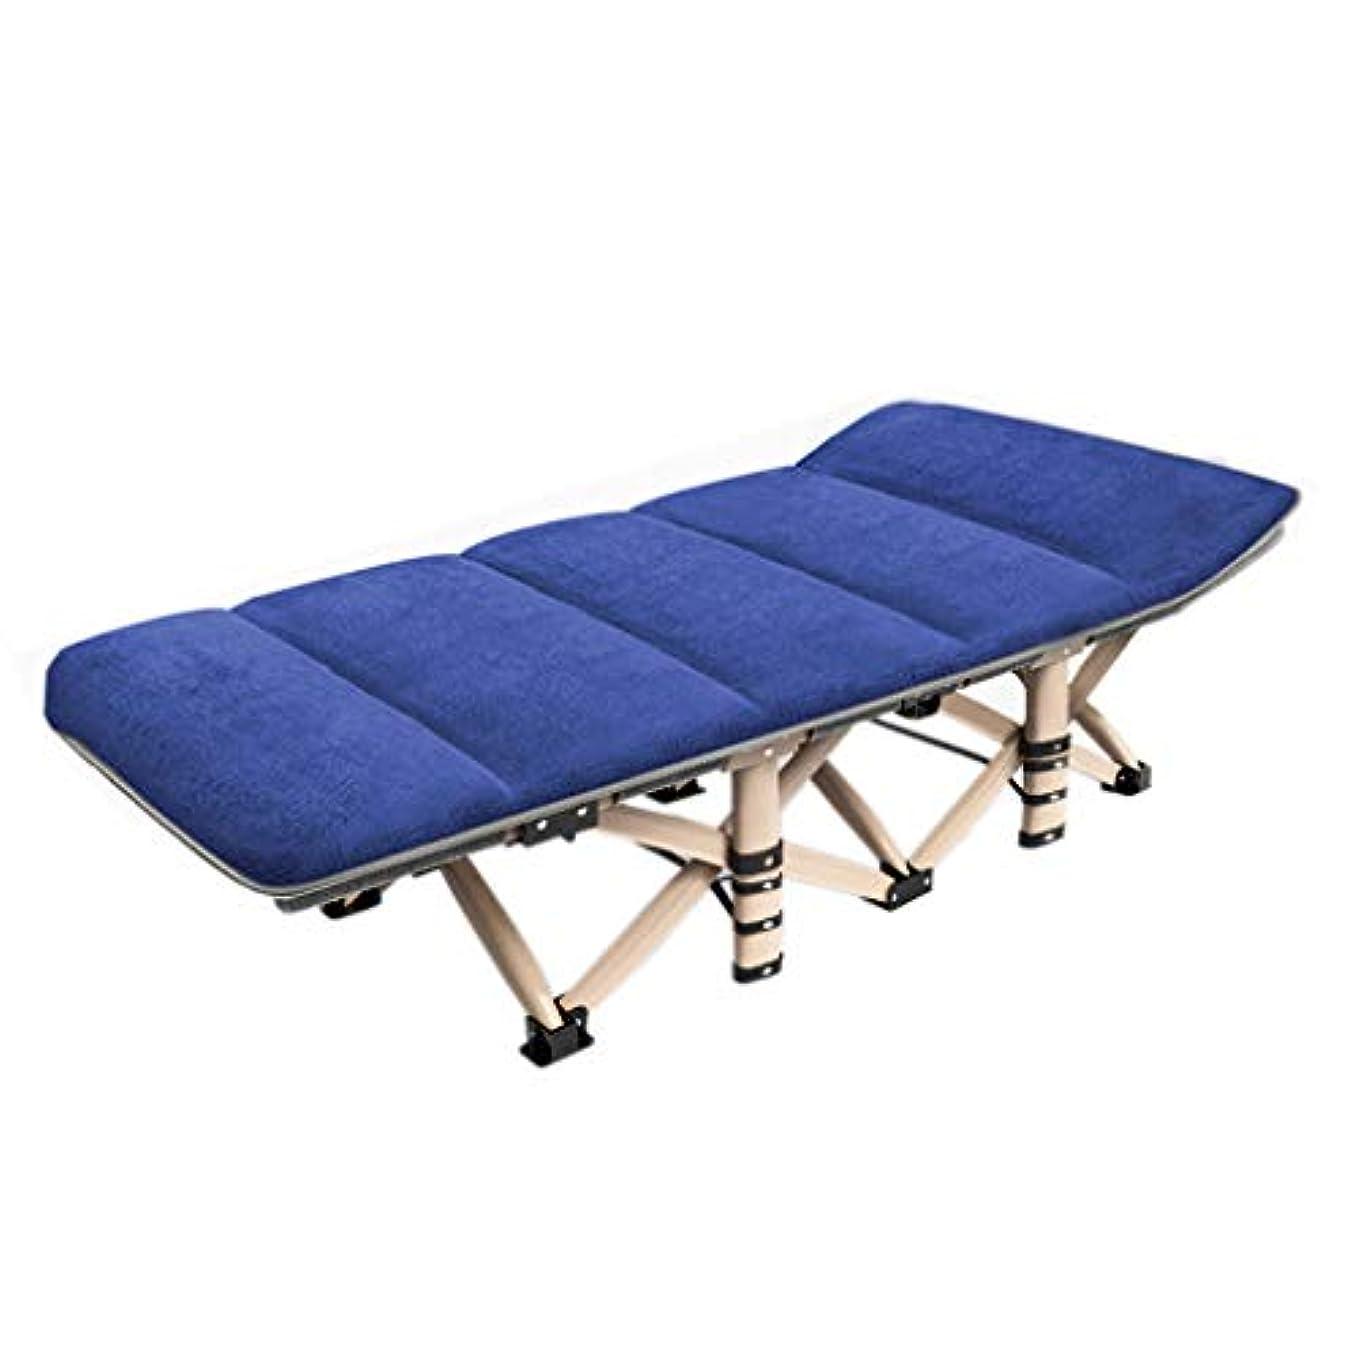 ファイナンス拒絶する弾薬折りたたみ式ベッド 折りたたみシート人昼休み折りたたみベッドベルベットマットレスホームシンプル同伴ベッドポータブルアダルトキャンプベッド (Color : Blue, Size : 190*75*35cm)